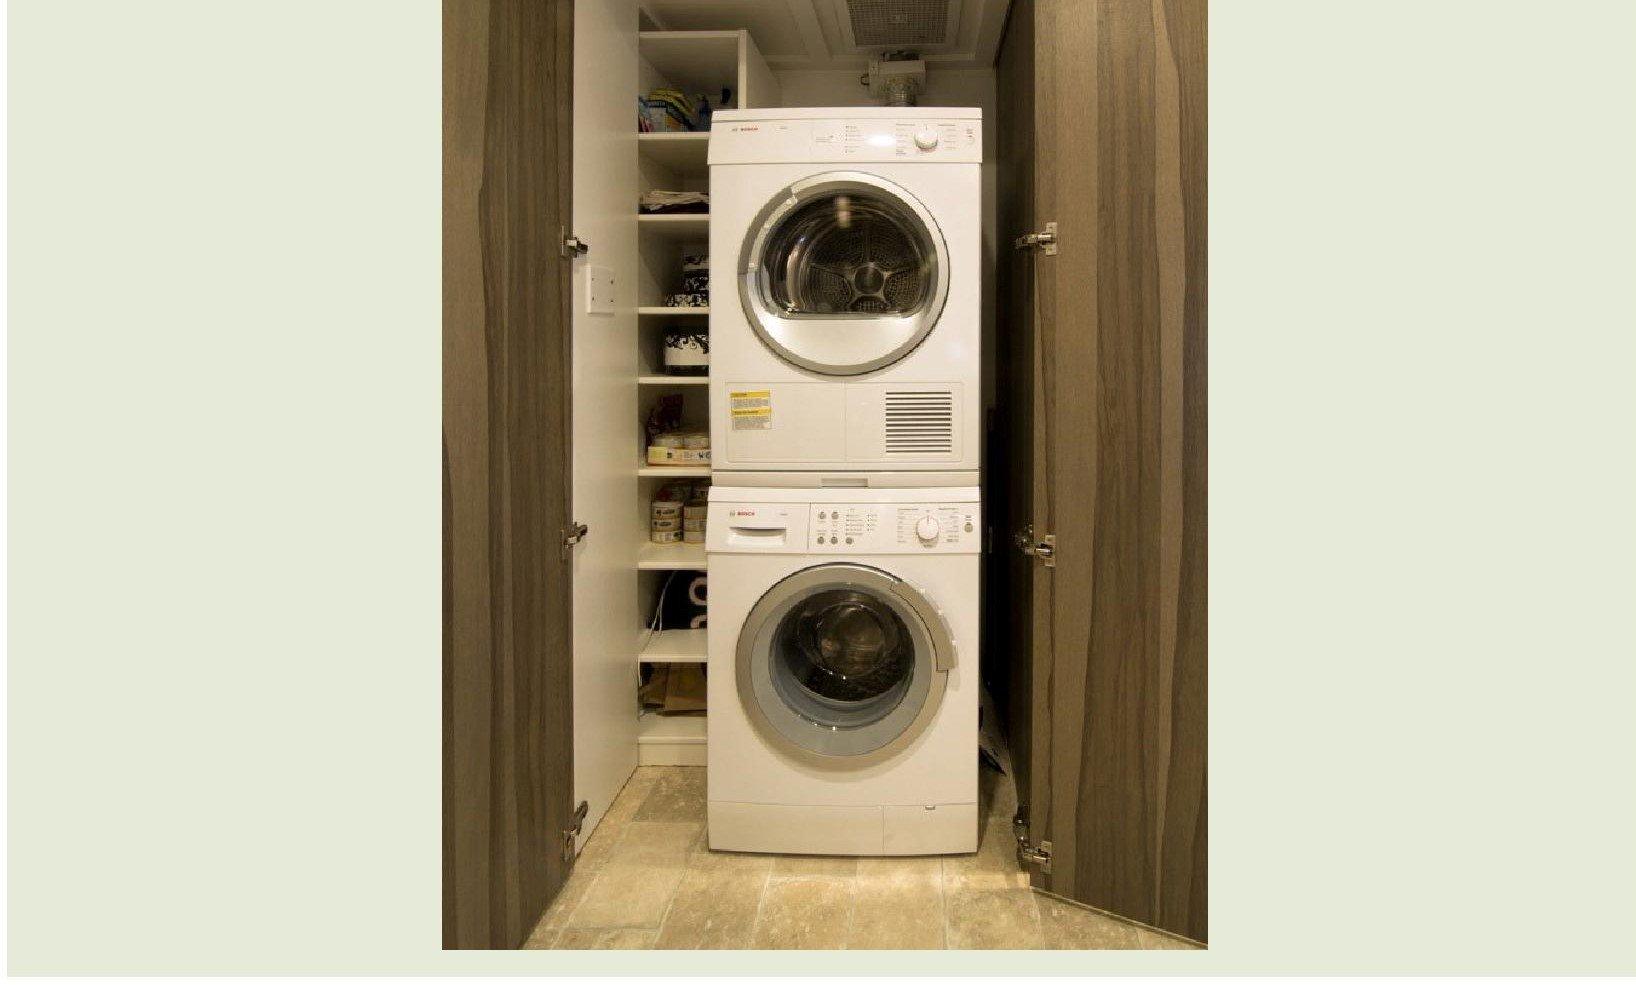 2019-11-13_Laundry_Shinnoki_Dusk_Frake-CRP-PX